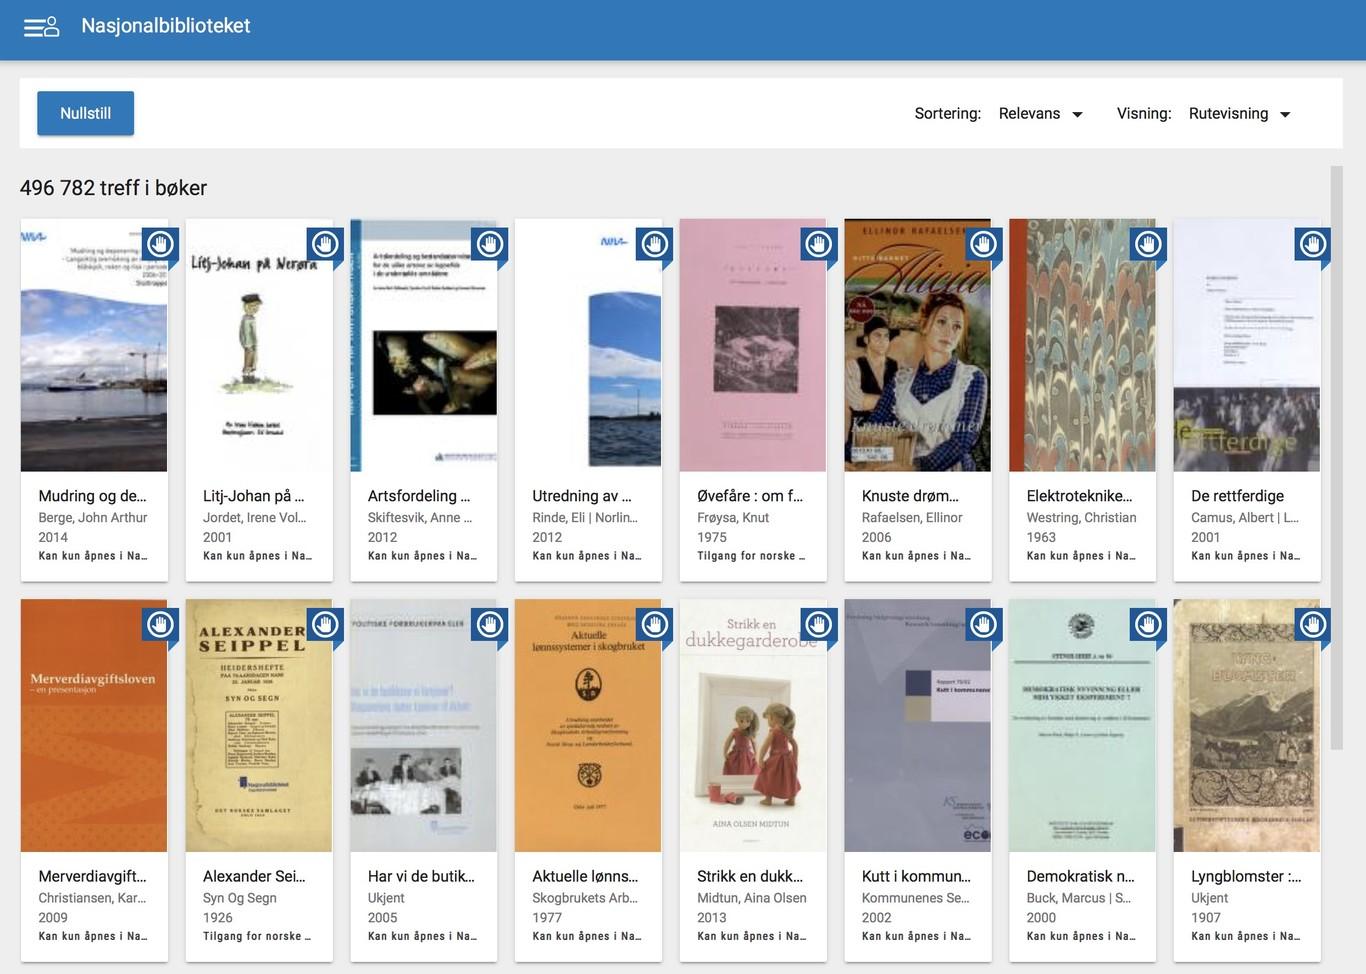 La Biblioteca Nacional de Noruega digitalizó casi todos los libros noruegos de antes de 2000 y los pone gratis en línea